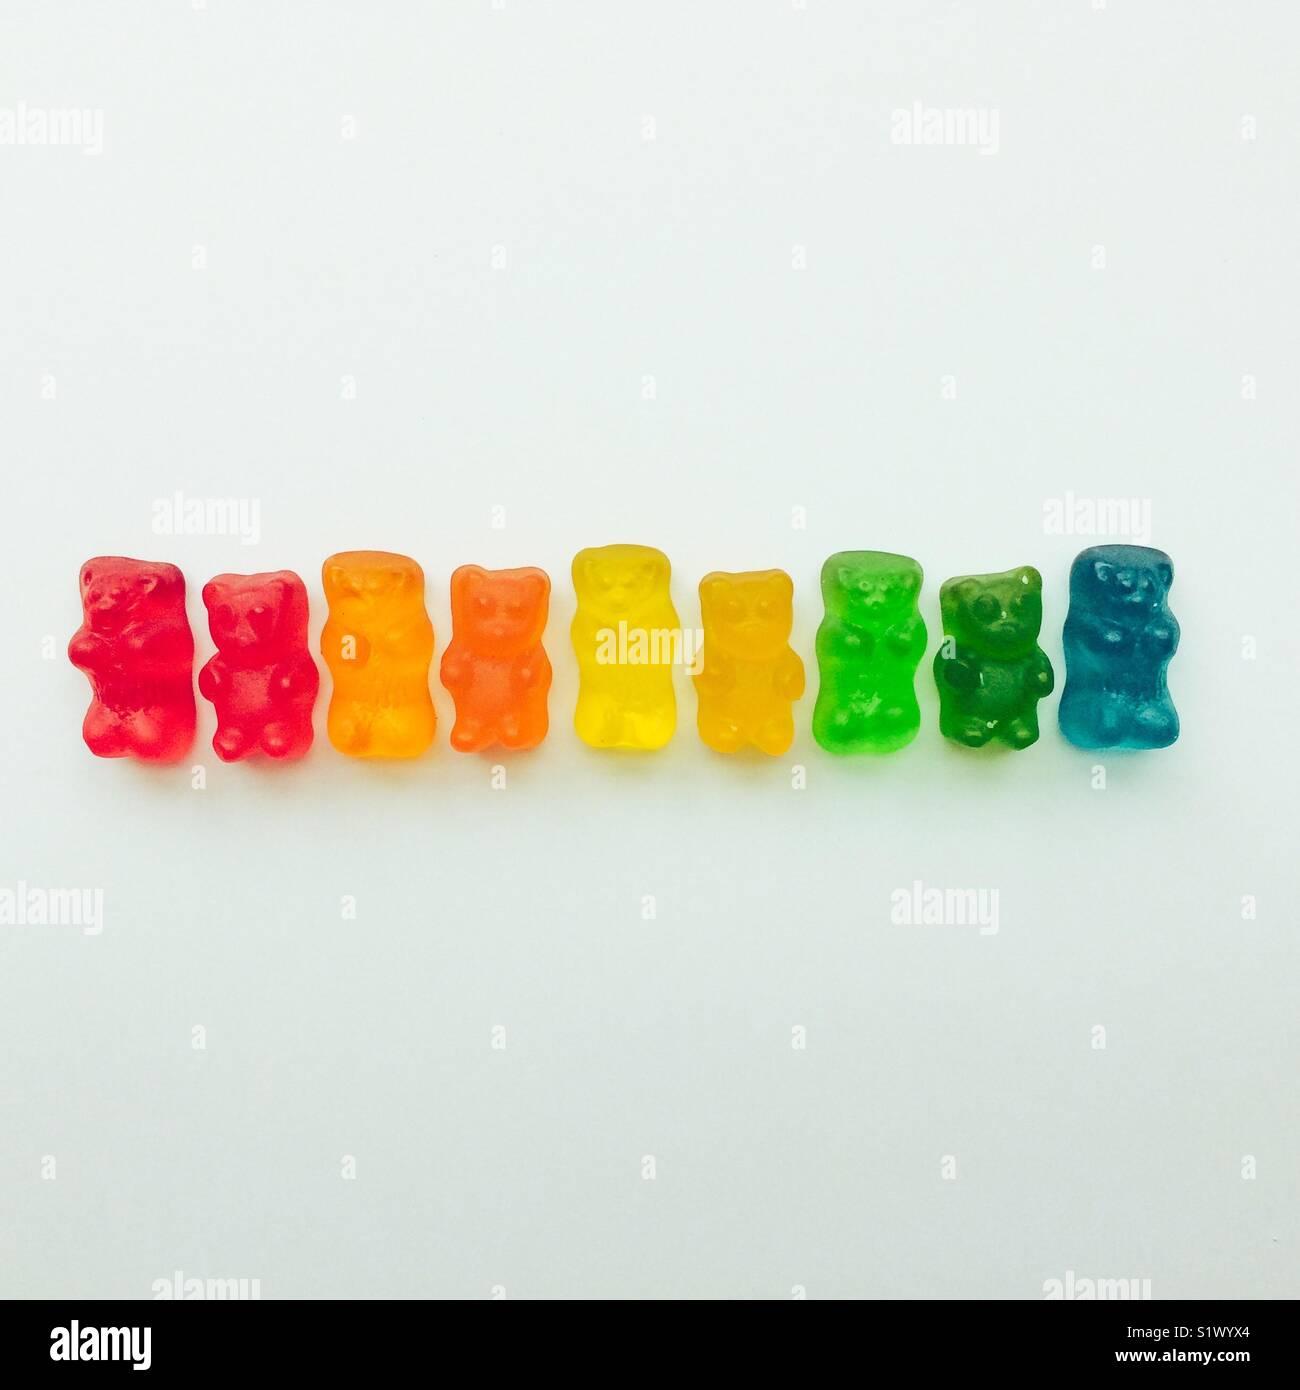 Gummy bears dans l'ordre de l'arc-en-ciel Banque D'Images